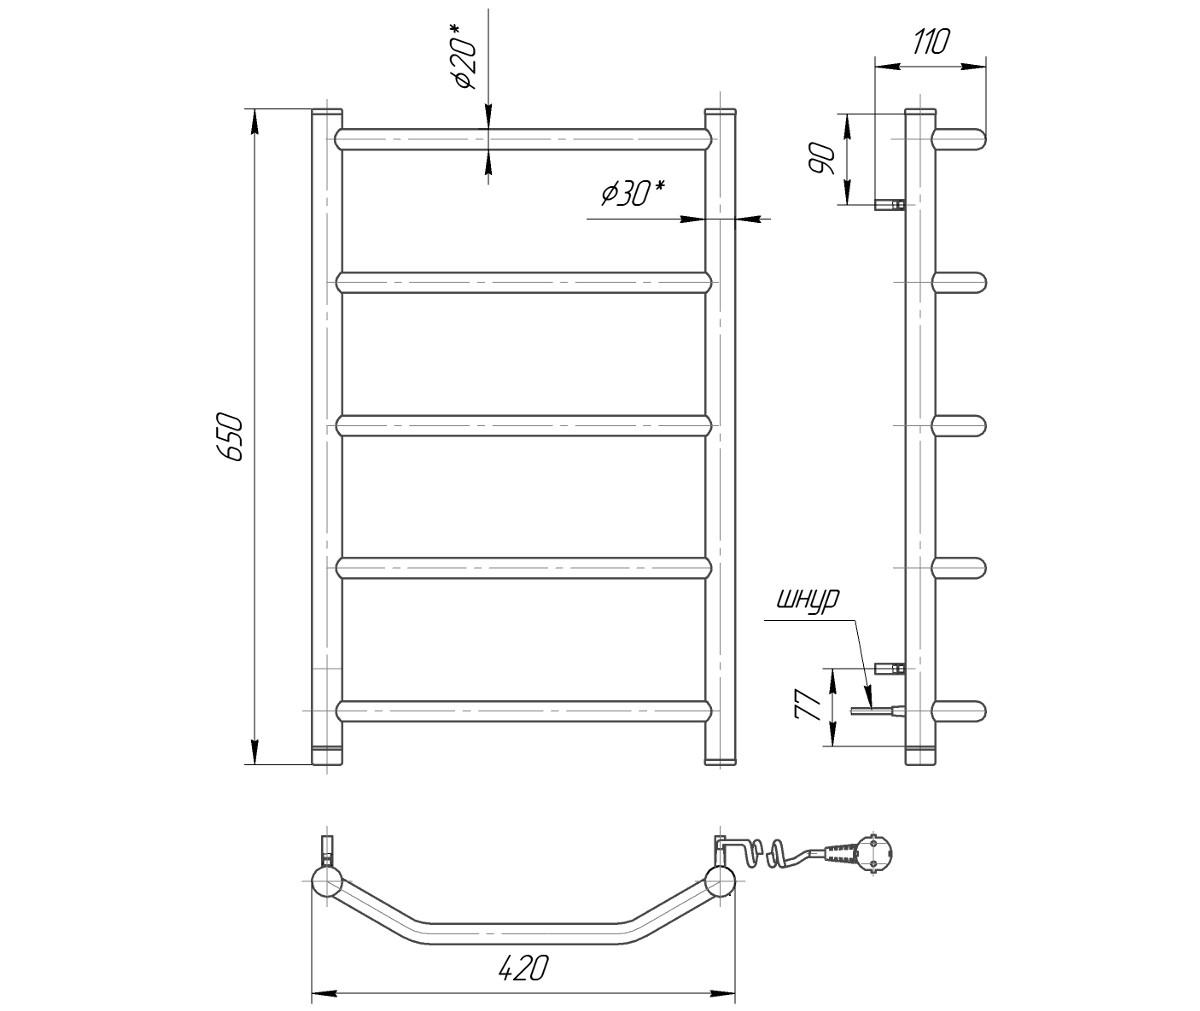 Электрический полотенцесушитель Трапеция HP-I 650x430